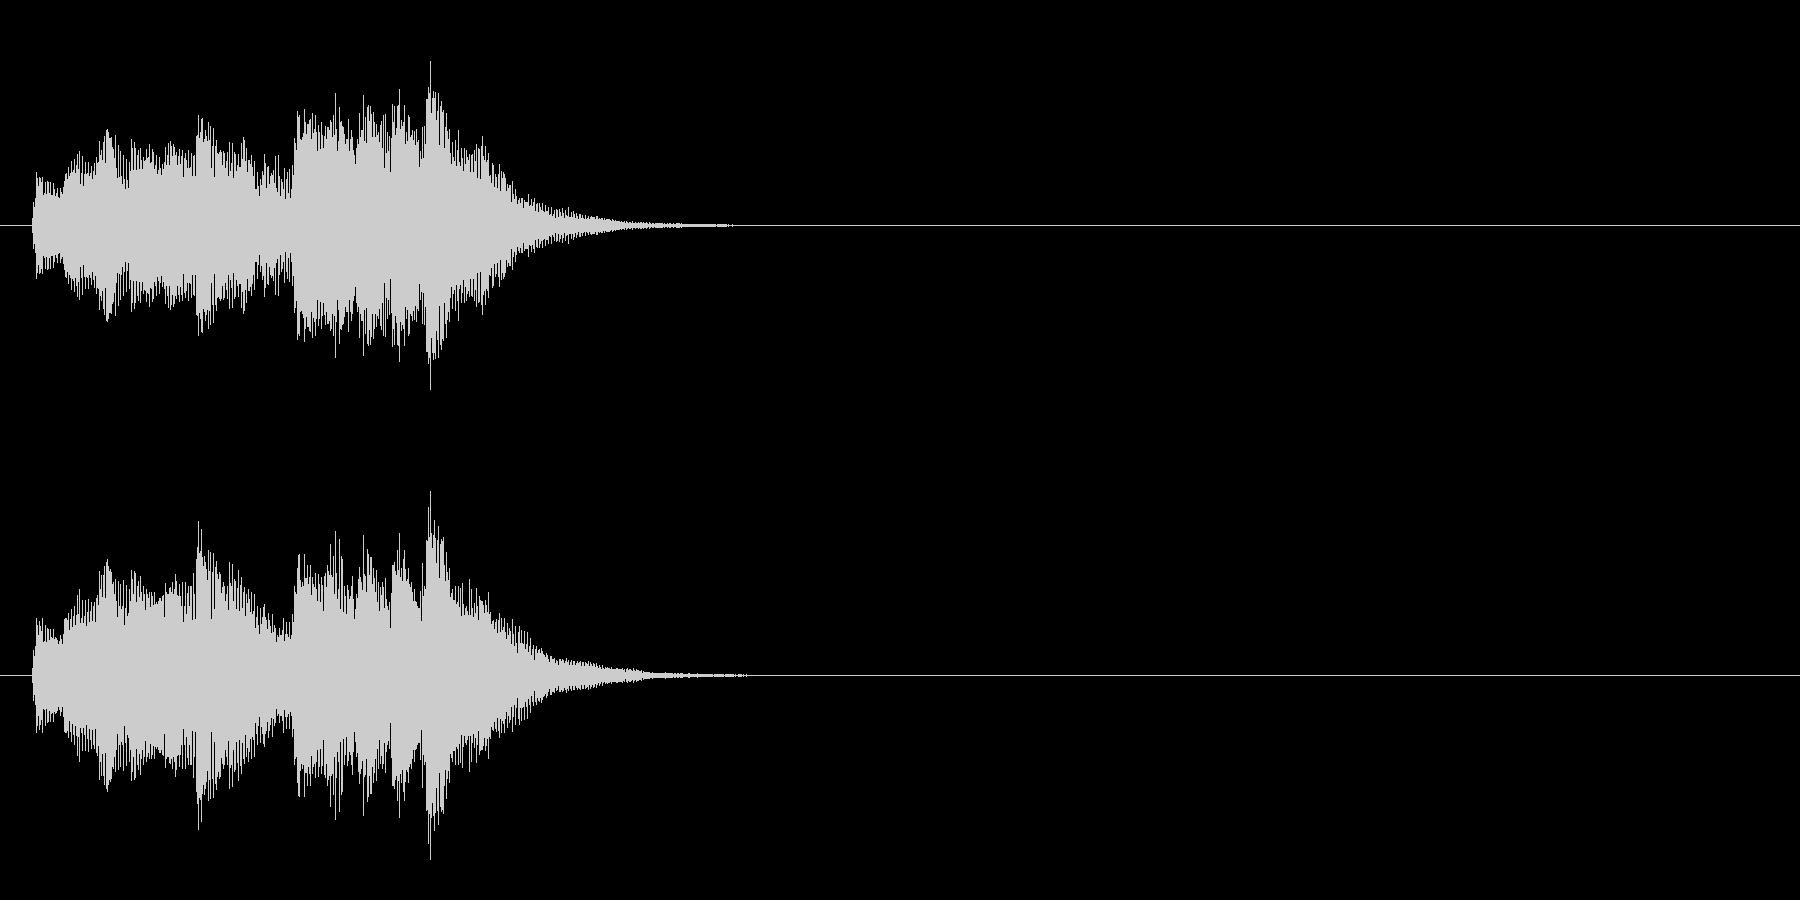 ジングル(お天気情報コーナー風)の未再生の波形